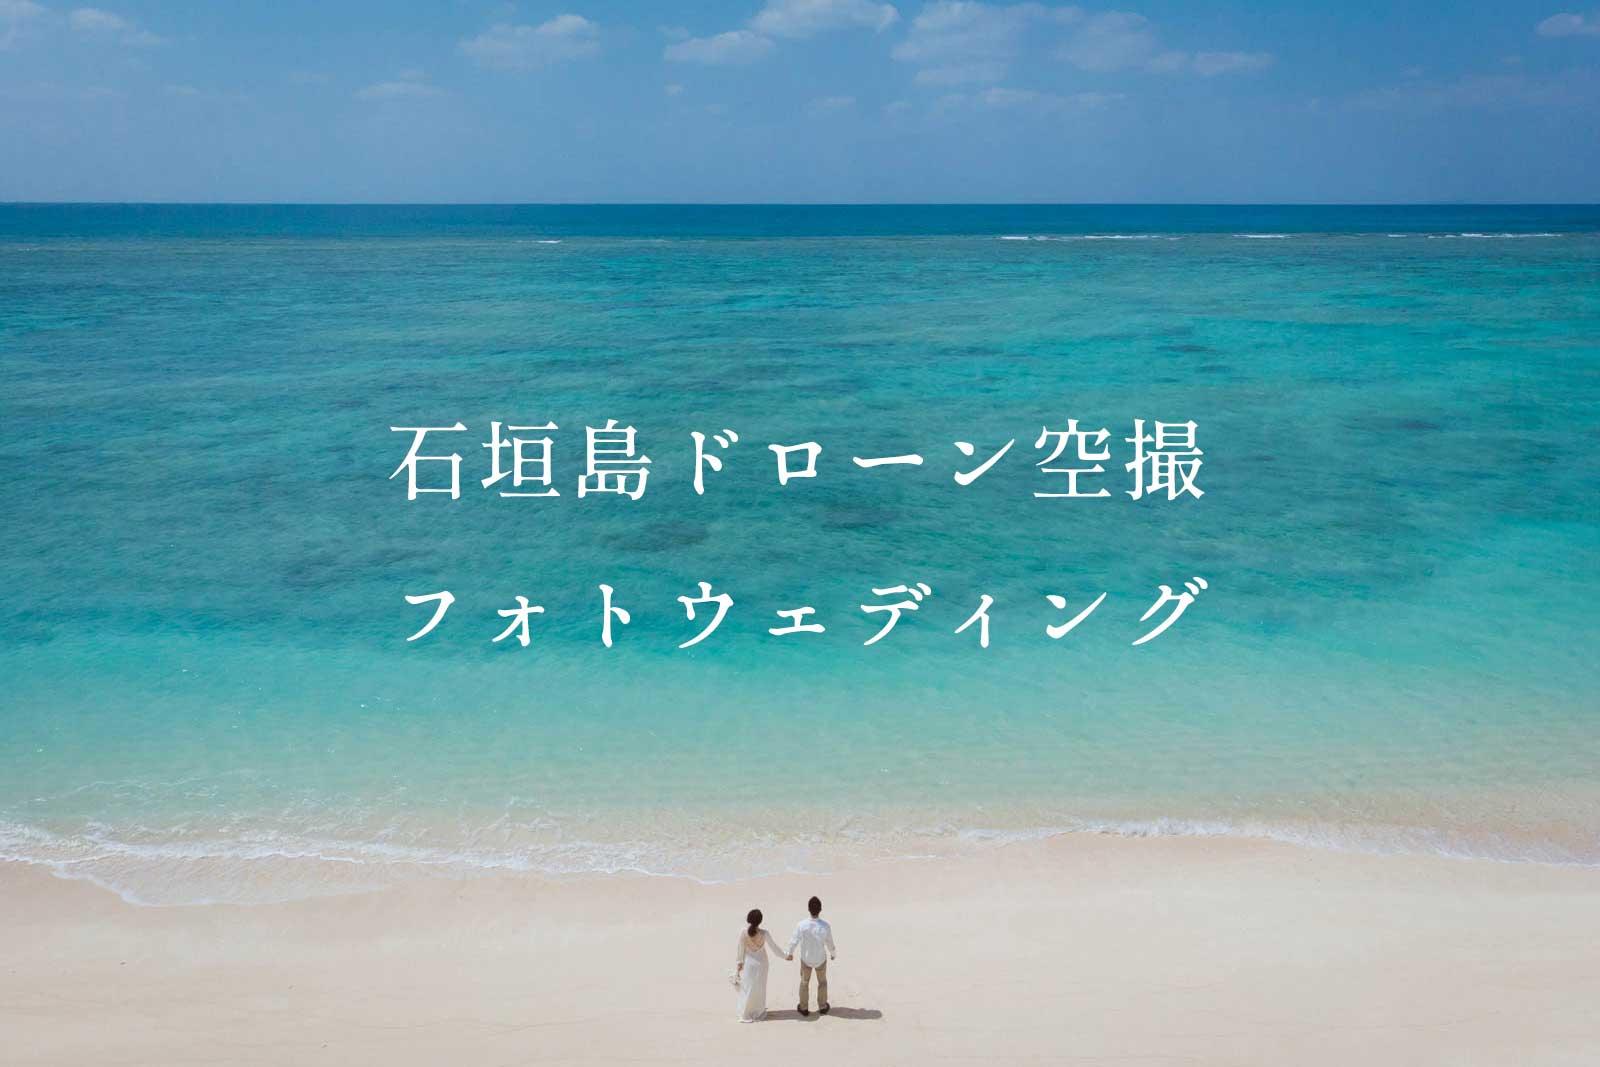 【2020年版】石垣島でドローン空撮ウェディング!おすすめポーズも紹介します*